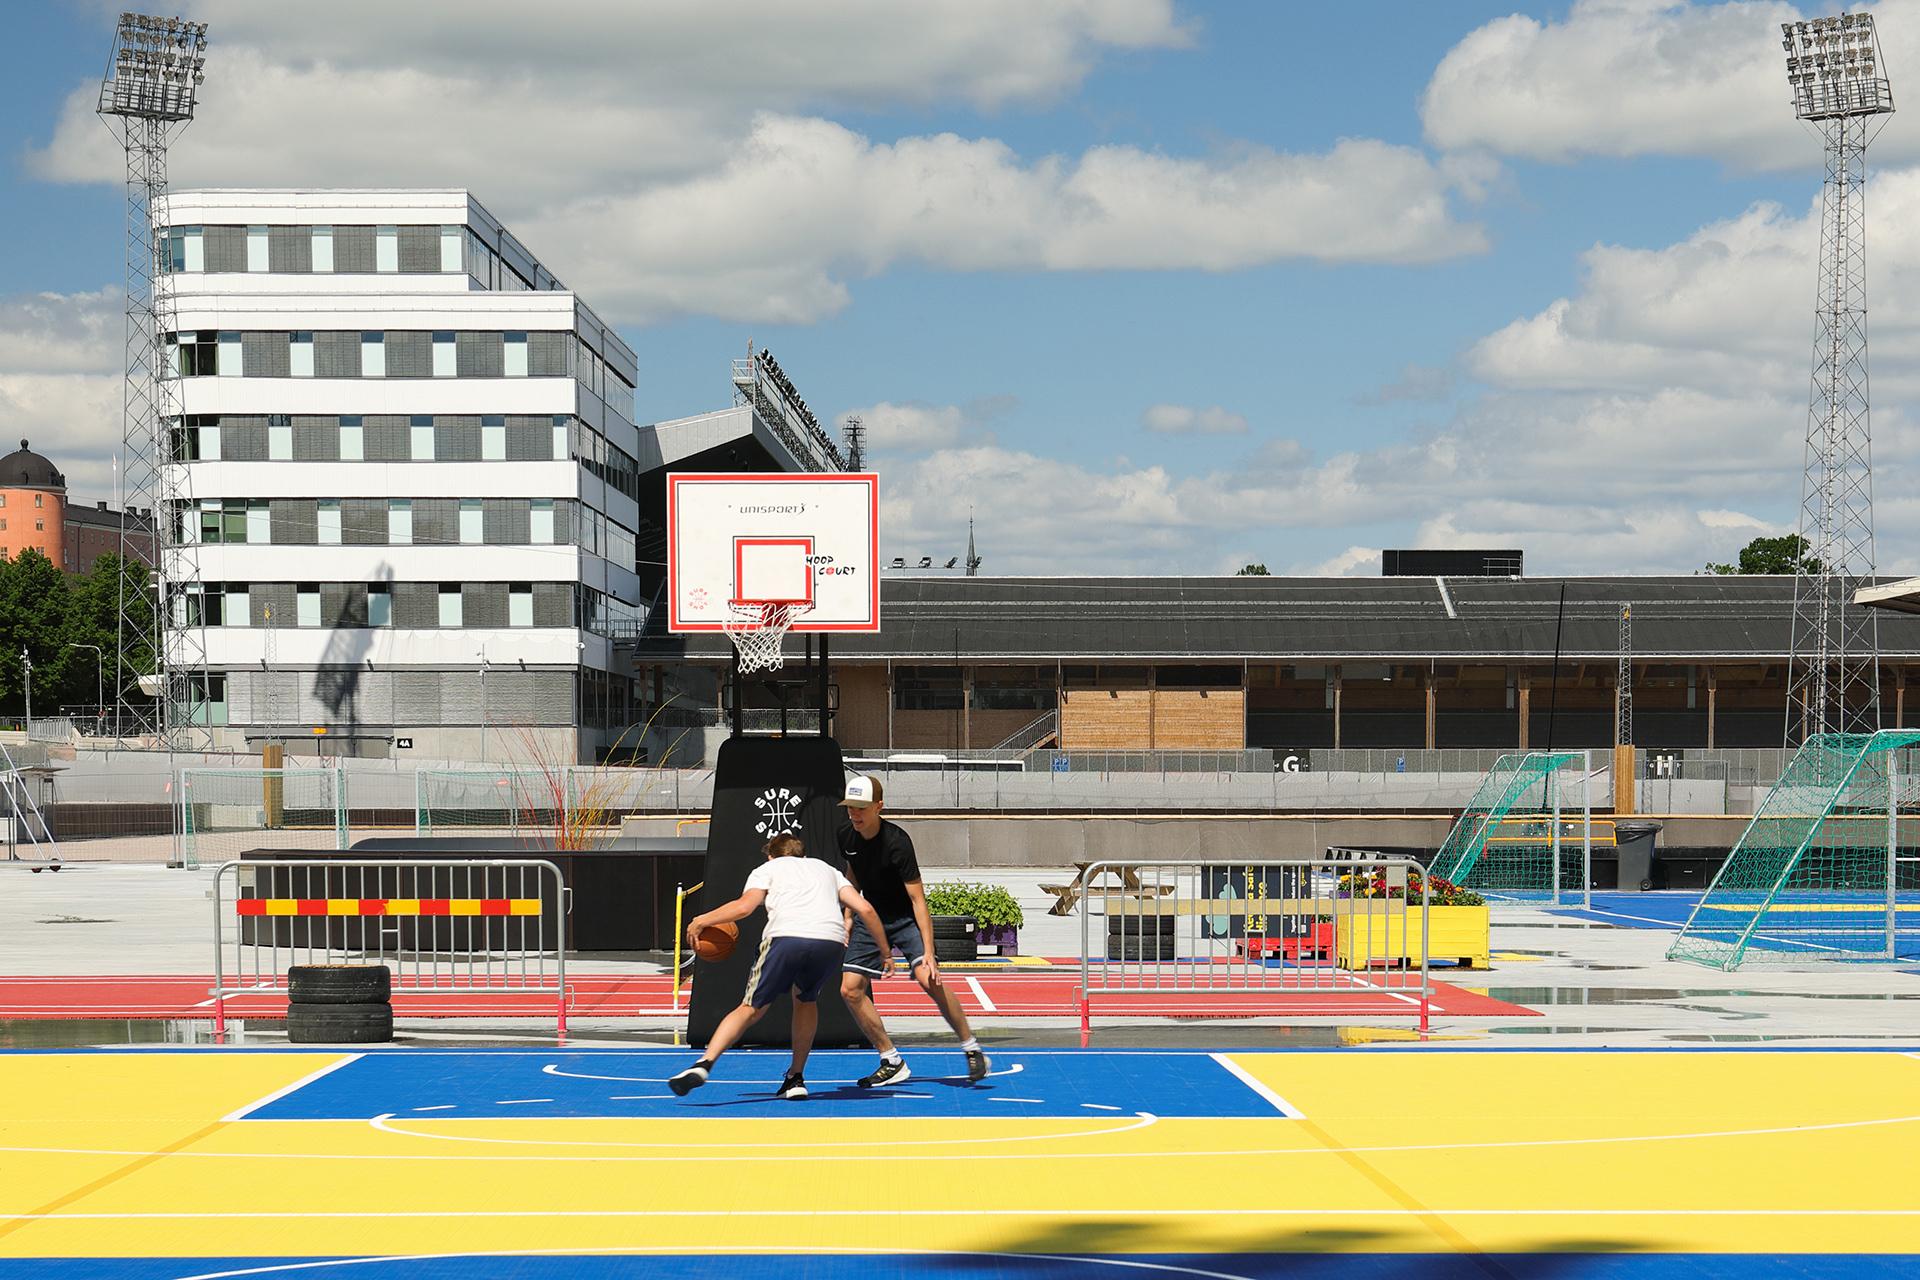 unisport aktivitetsyta uppsala summer zone